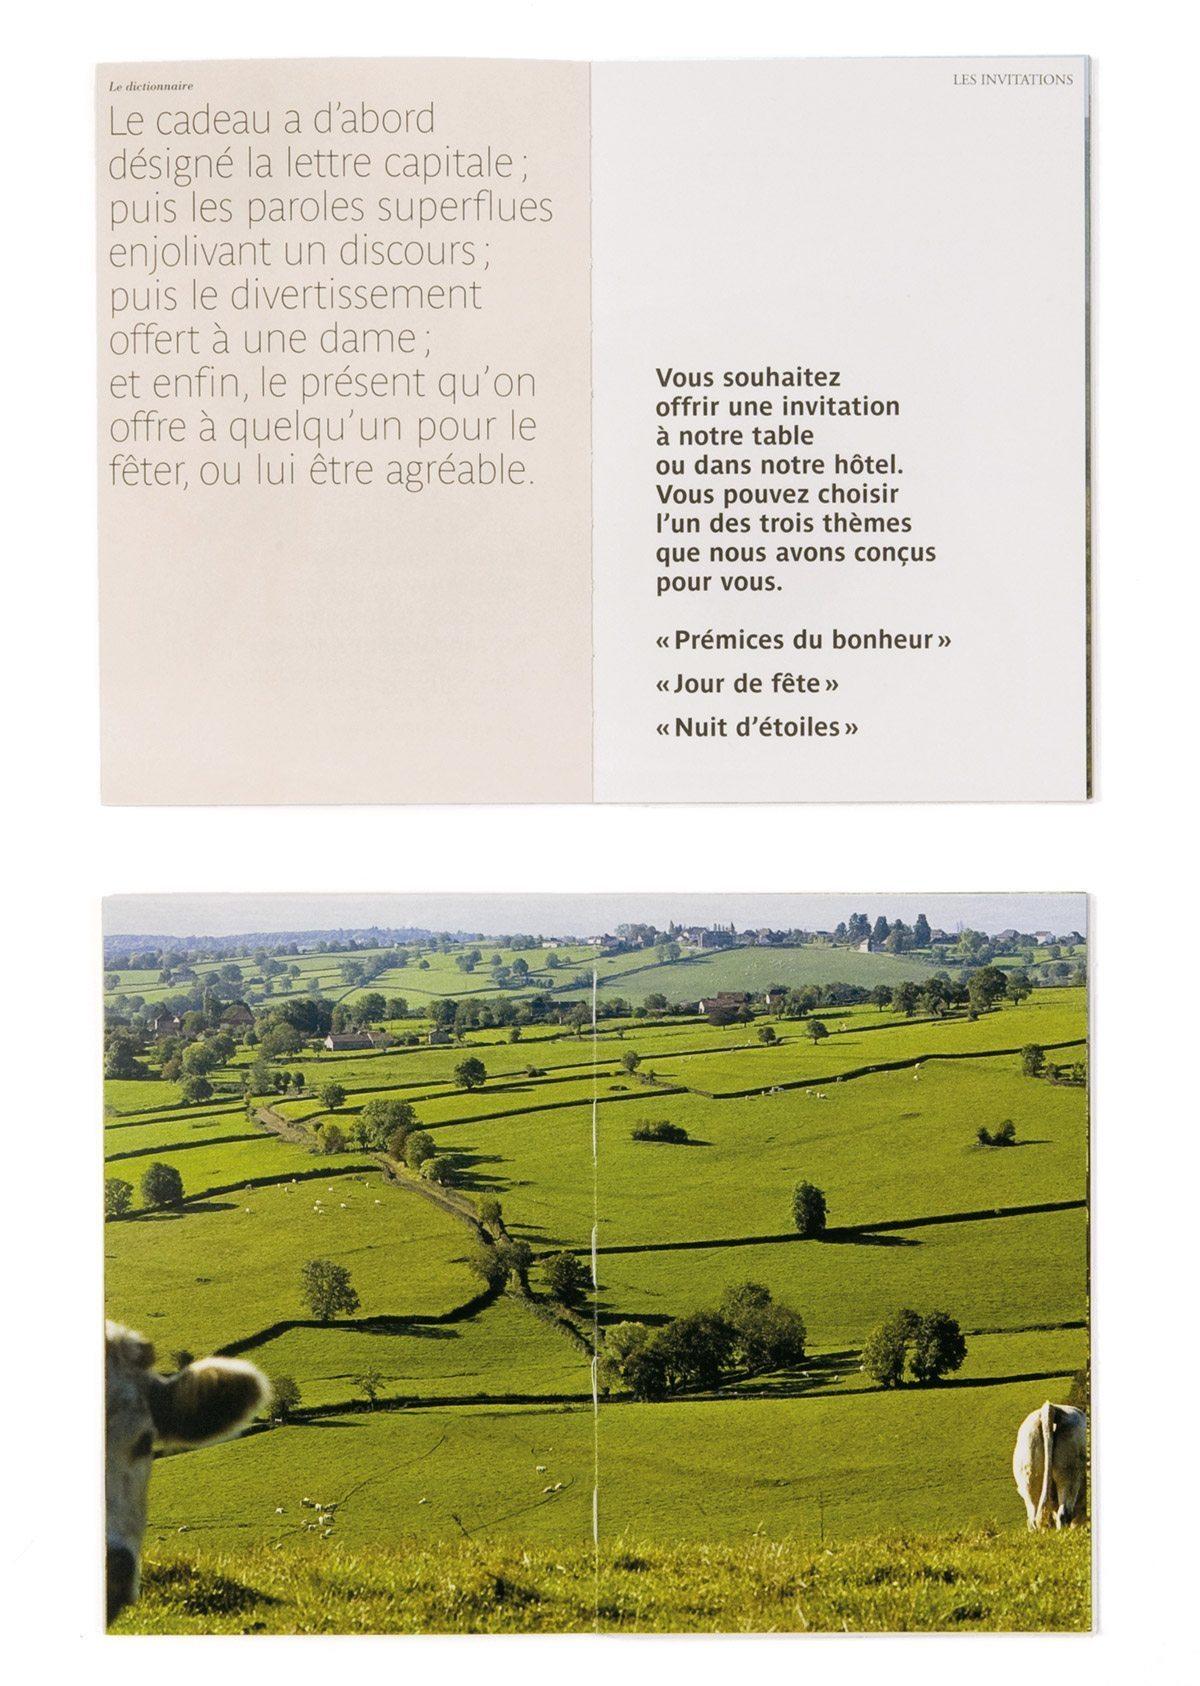 Brochure de la Maison Troisgros, confrontation poétique d'images de campagne et de textes extraits de la littérature classique, design Ich&Kar